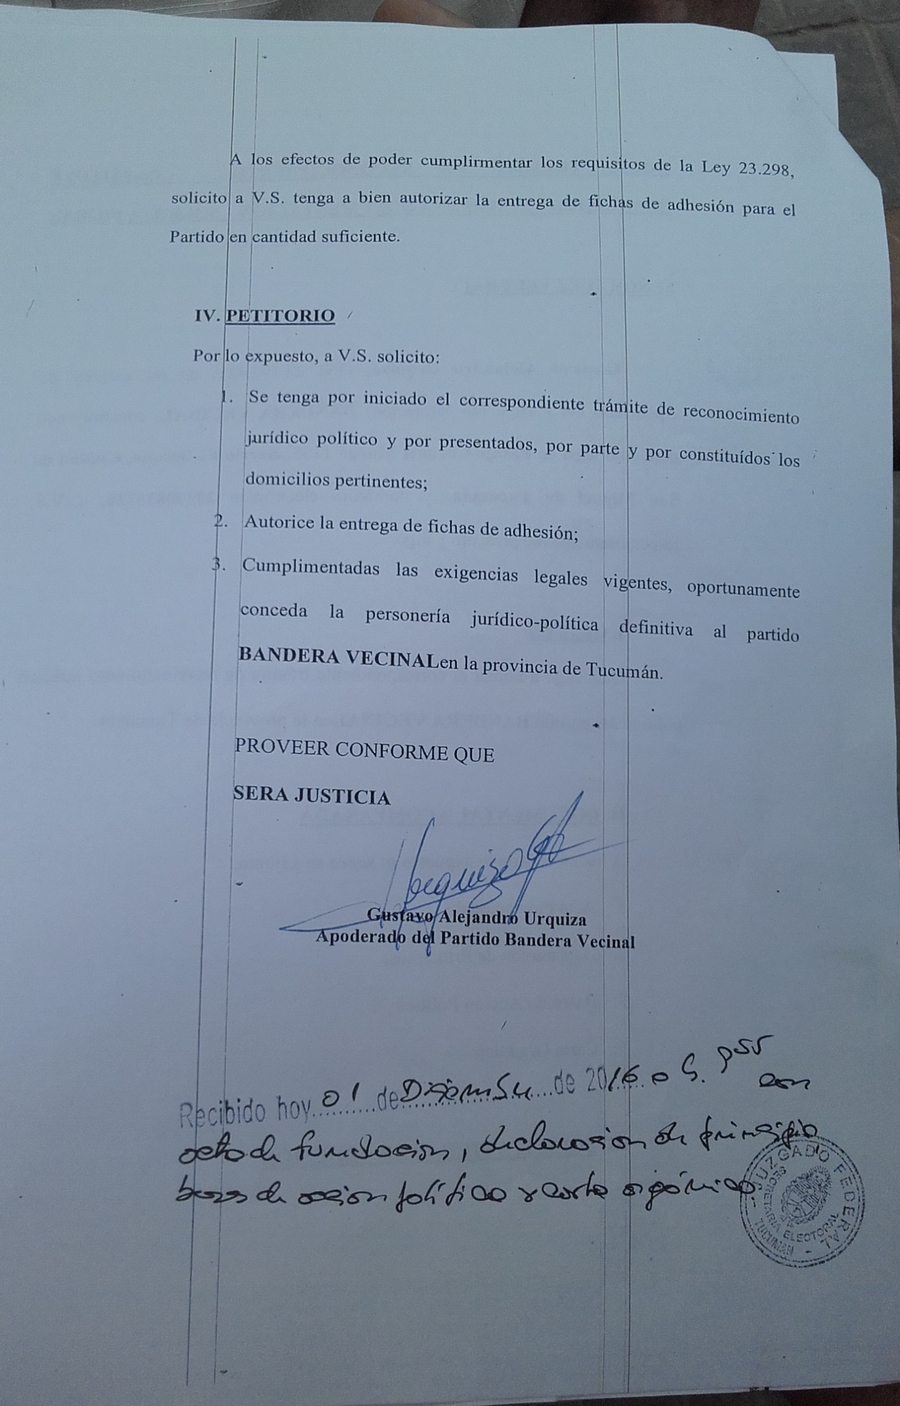 Fascímil última hoja documento presentado, con sello Justicia